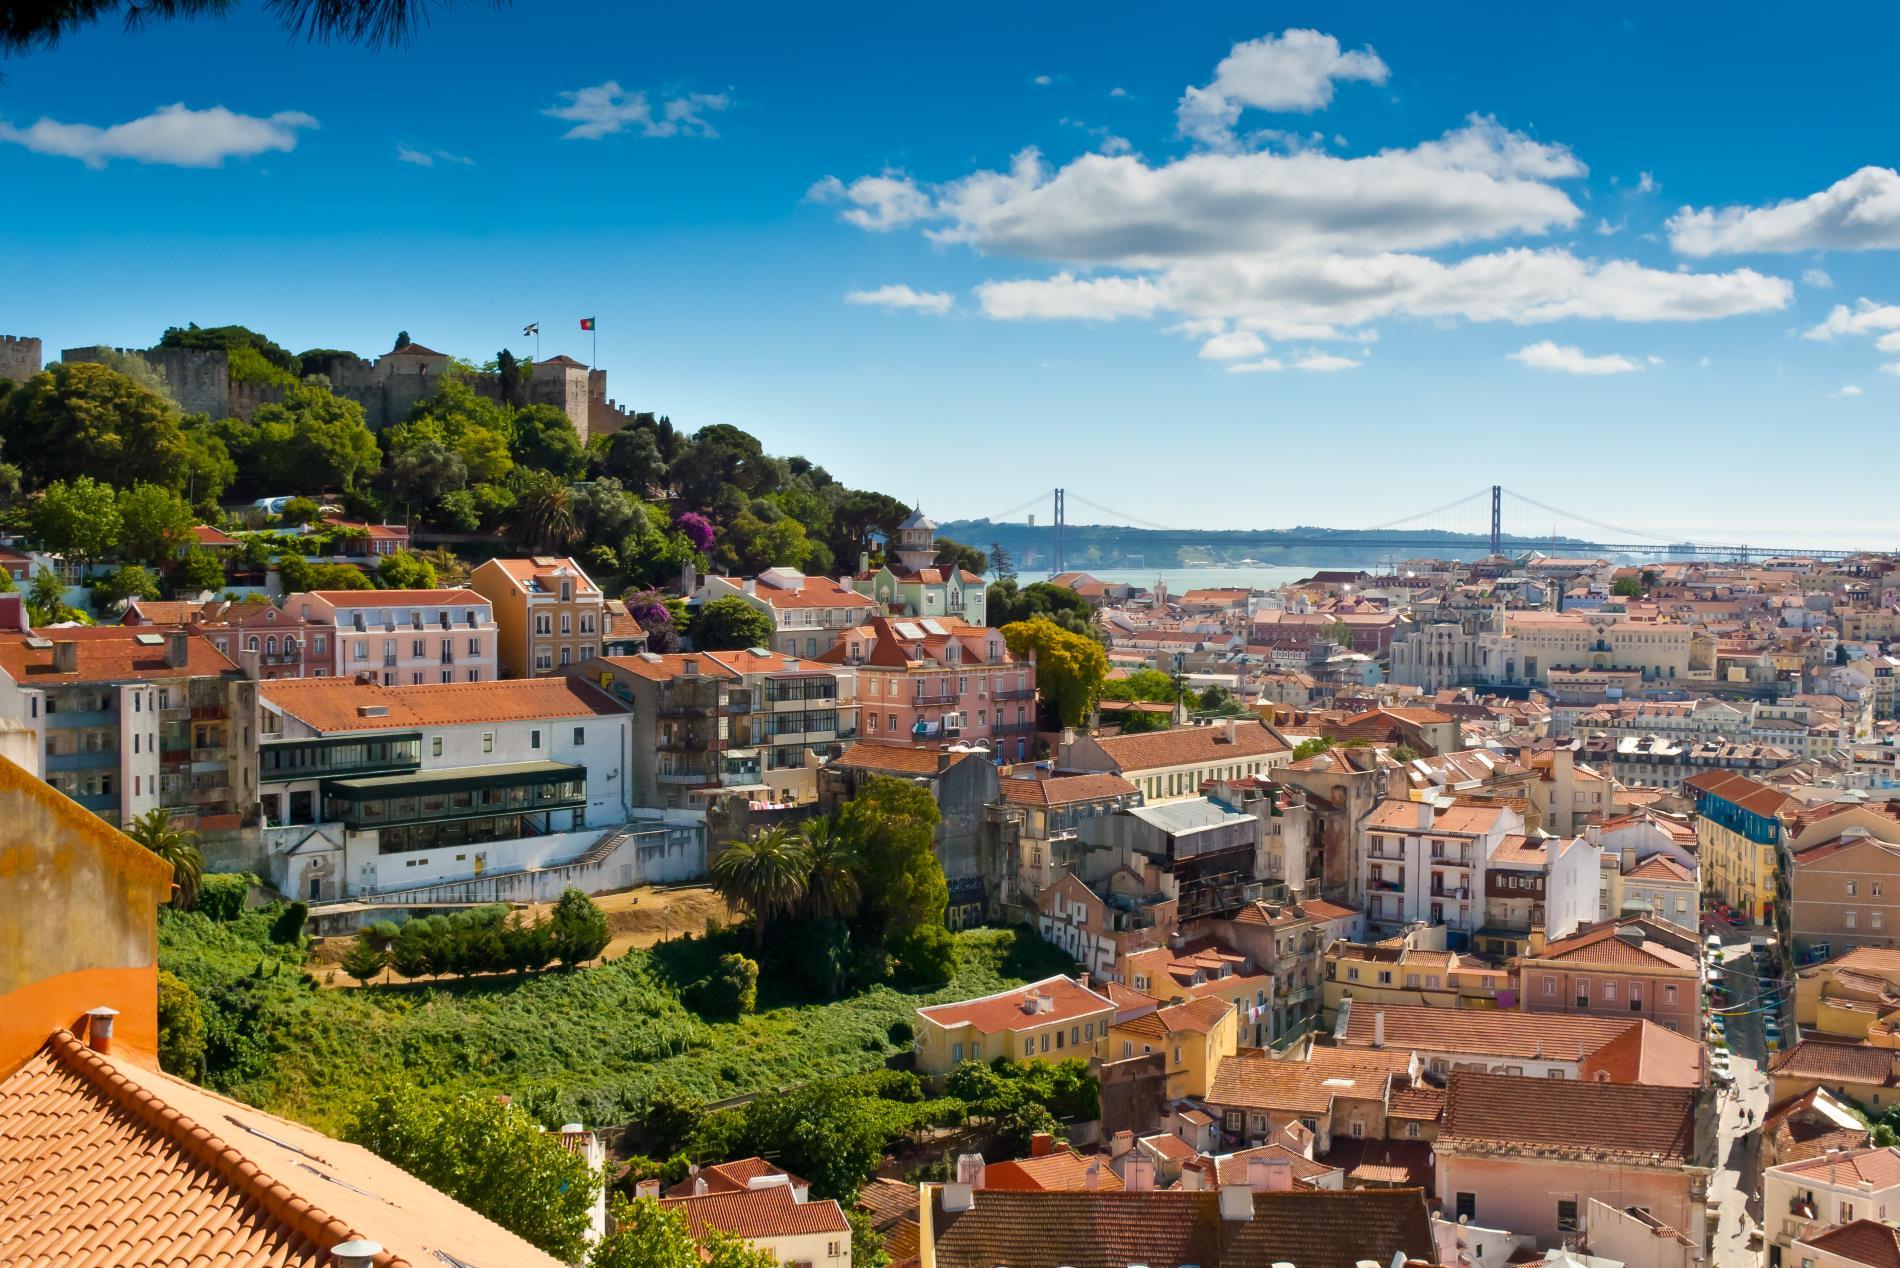 Lizbona bezpośrednio z Polski. Tanią linią!